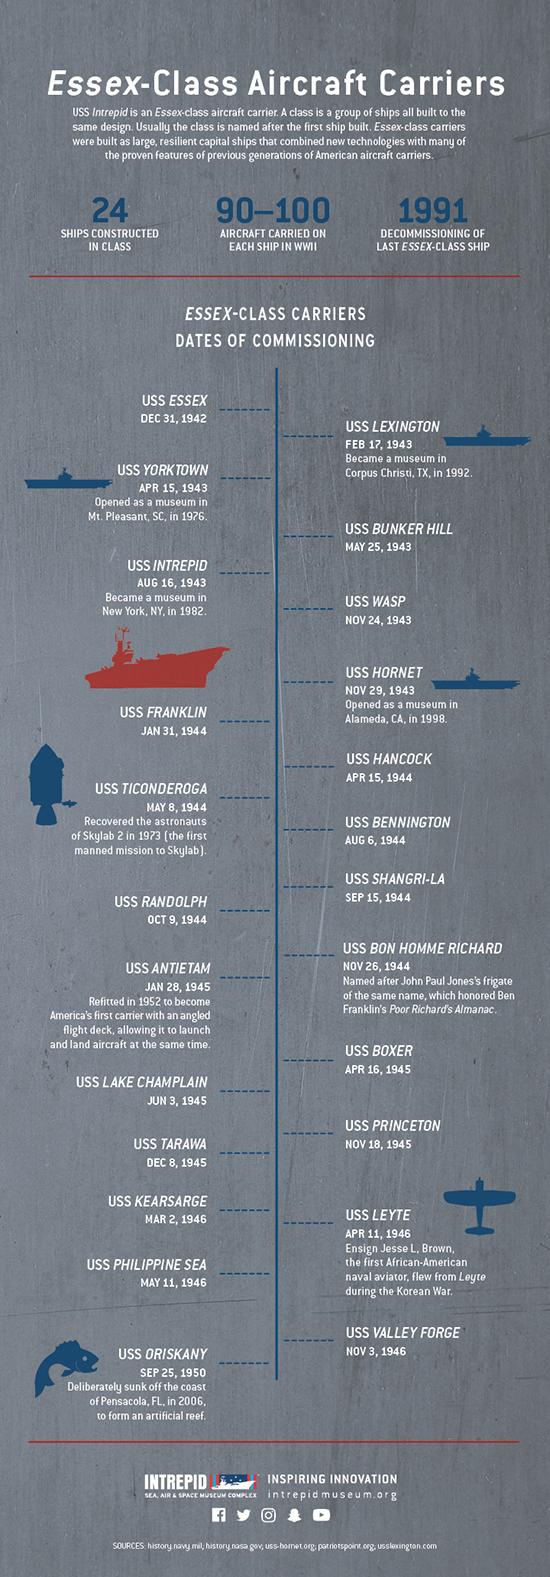 Aircraft Carrier Month: Essex-Class Carriers